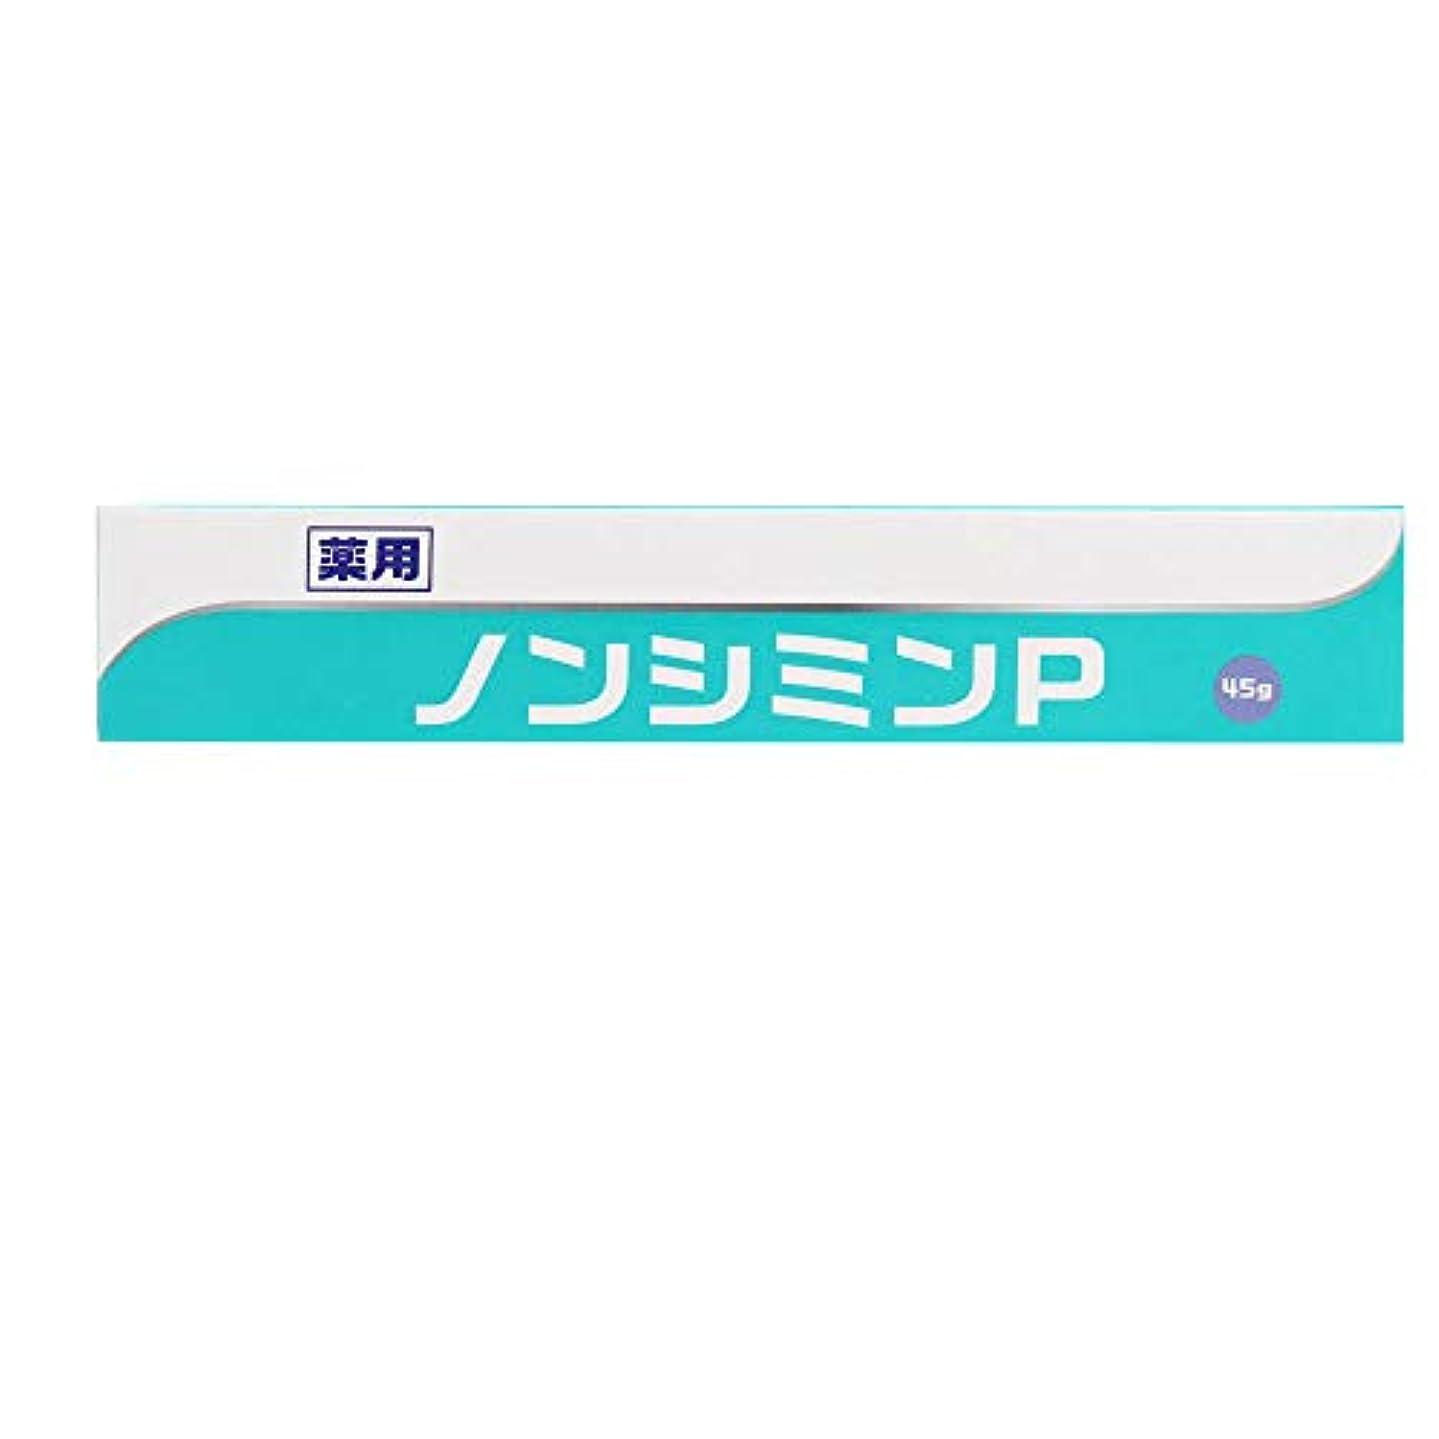 配るラバ終わった薬用ノンシミンP 45g ジェルタイプ 医薬部外品